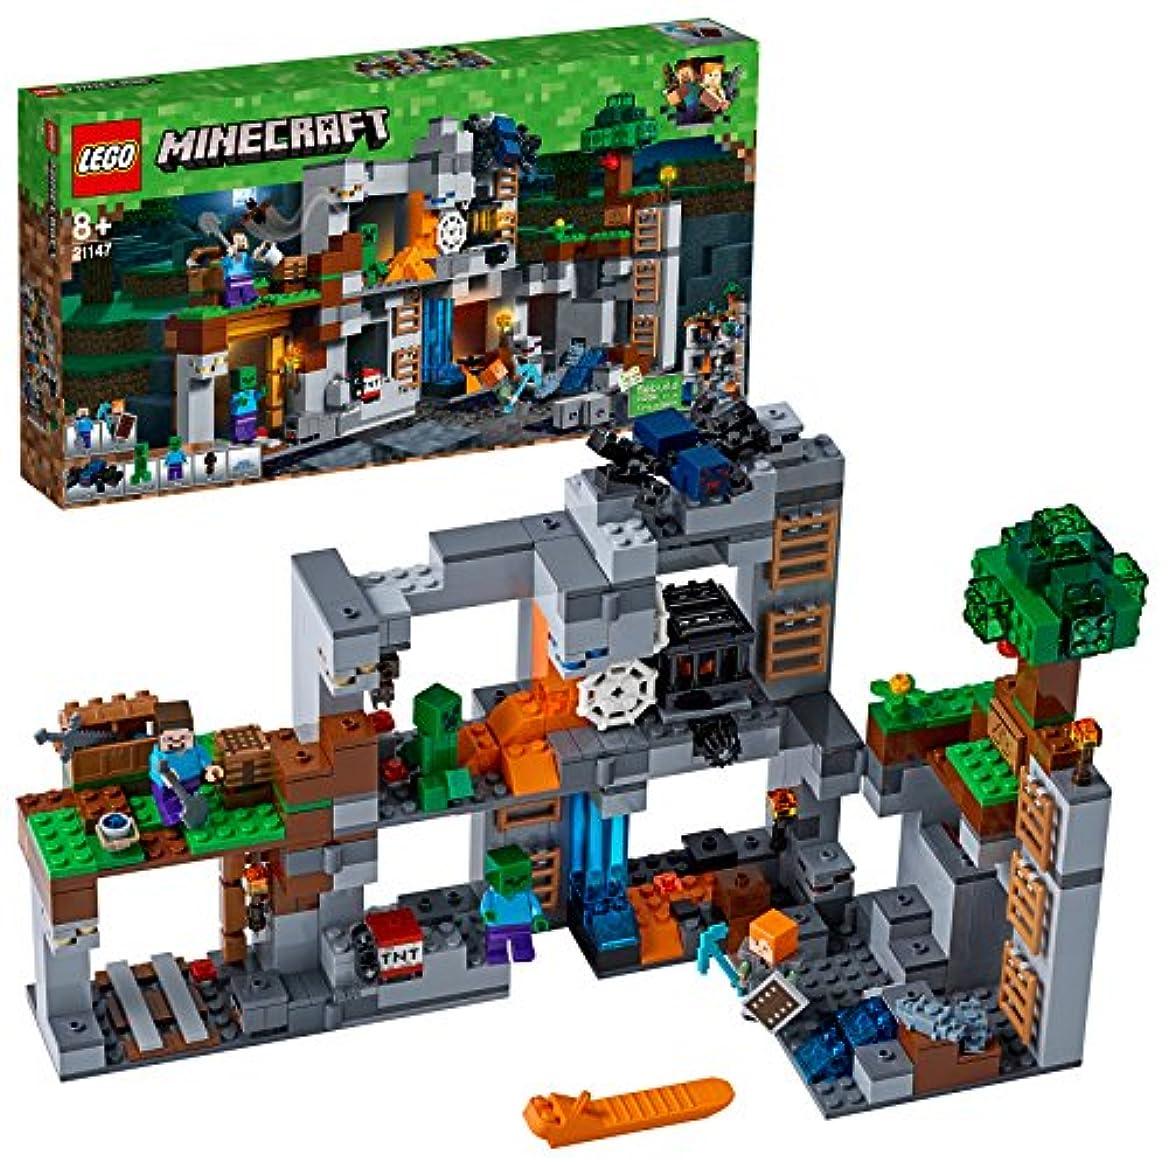 ボス透けるカバーレゴ(LEGO)マインクラフト ベッドロックの冒険 21147 ブロック おもちゃ 男の子